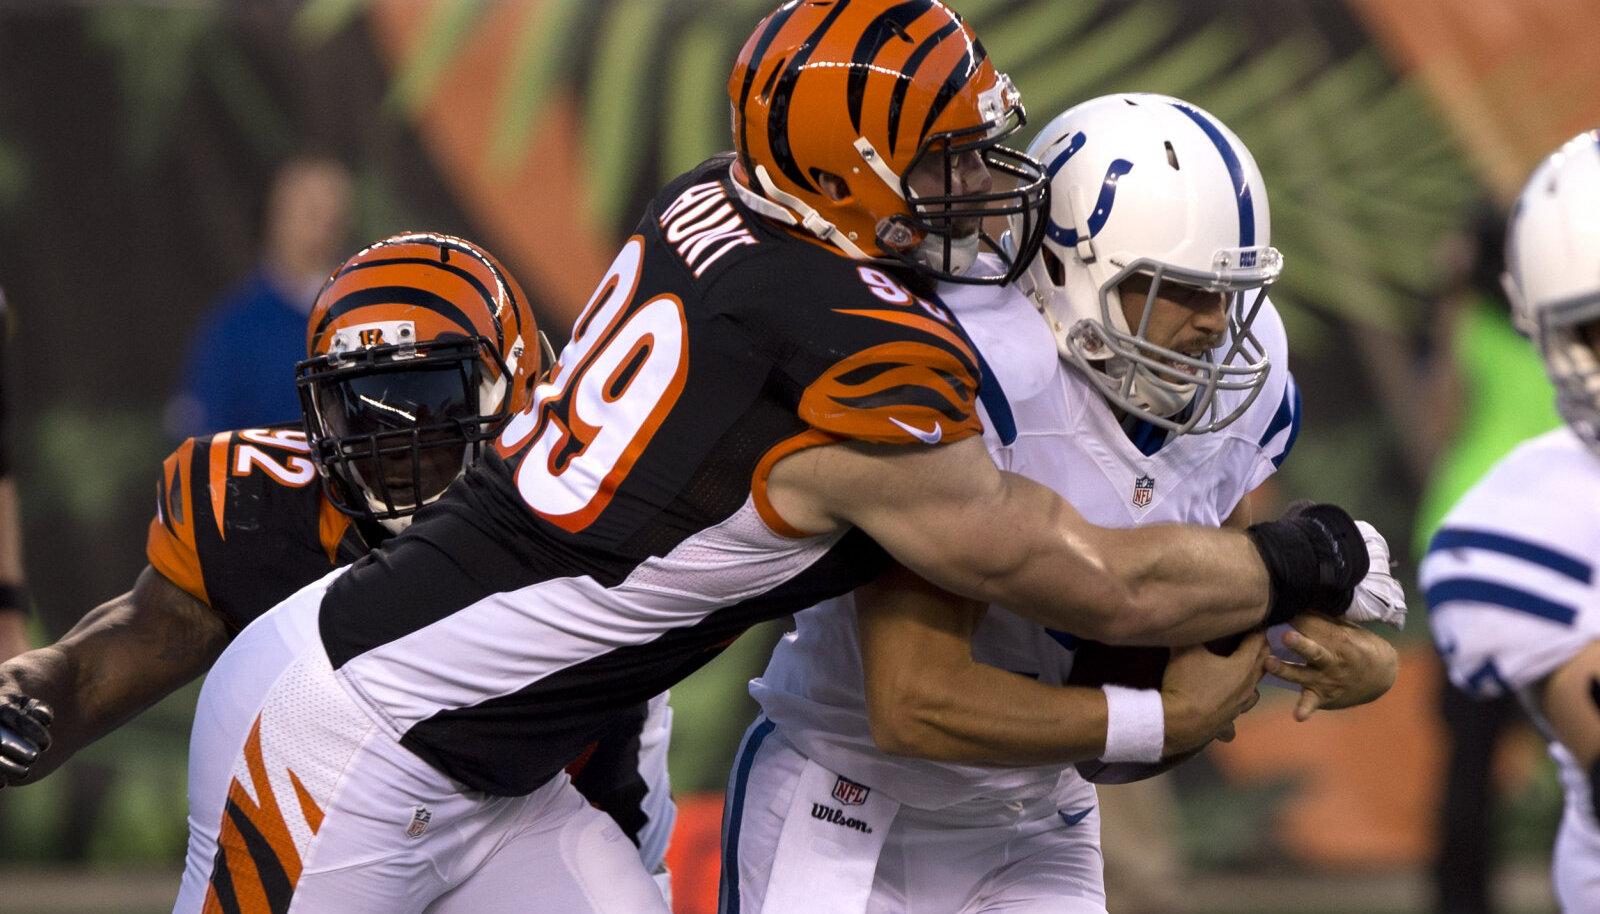 Margus Hunt (vasakul) 2014. aastal Cincinnati Bengalsi ridades.